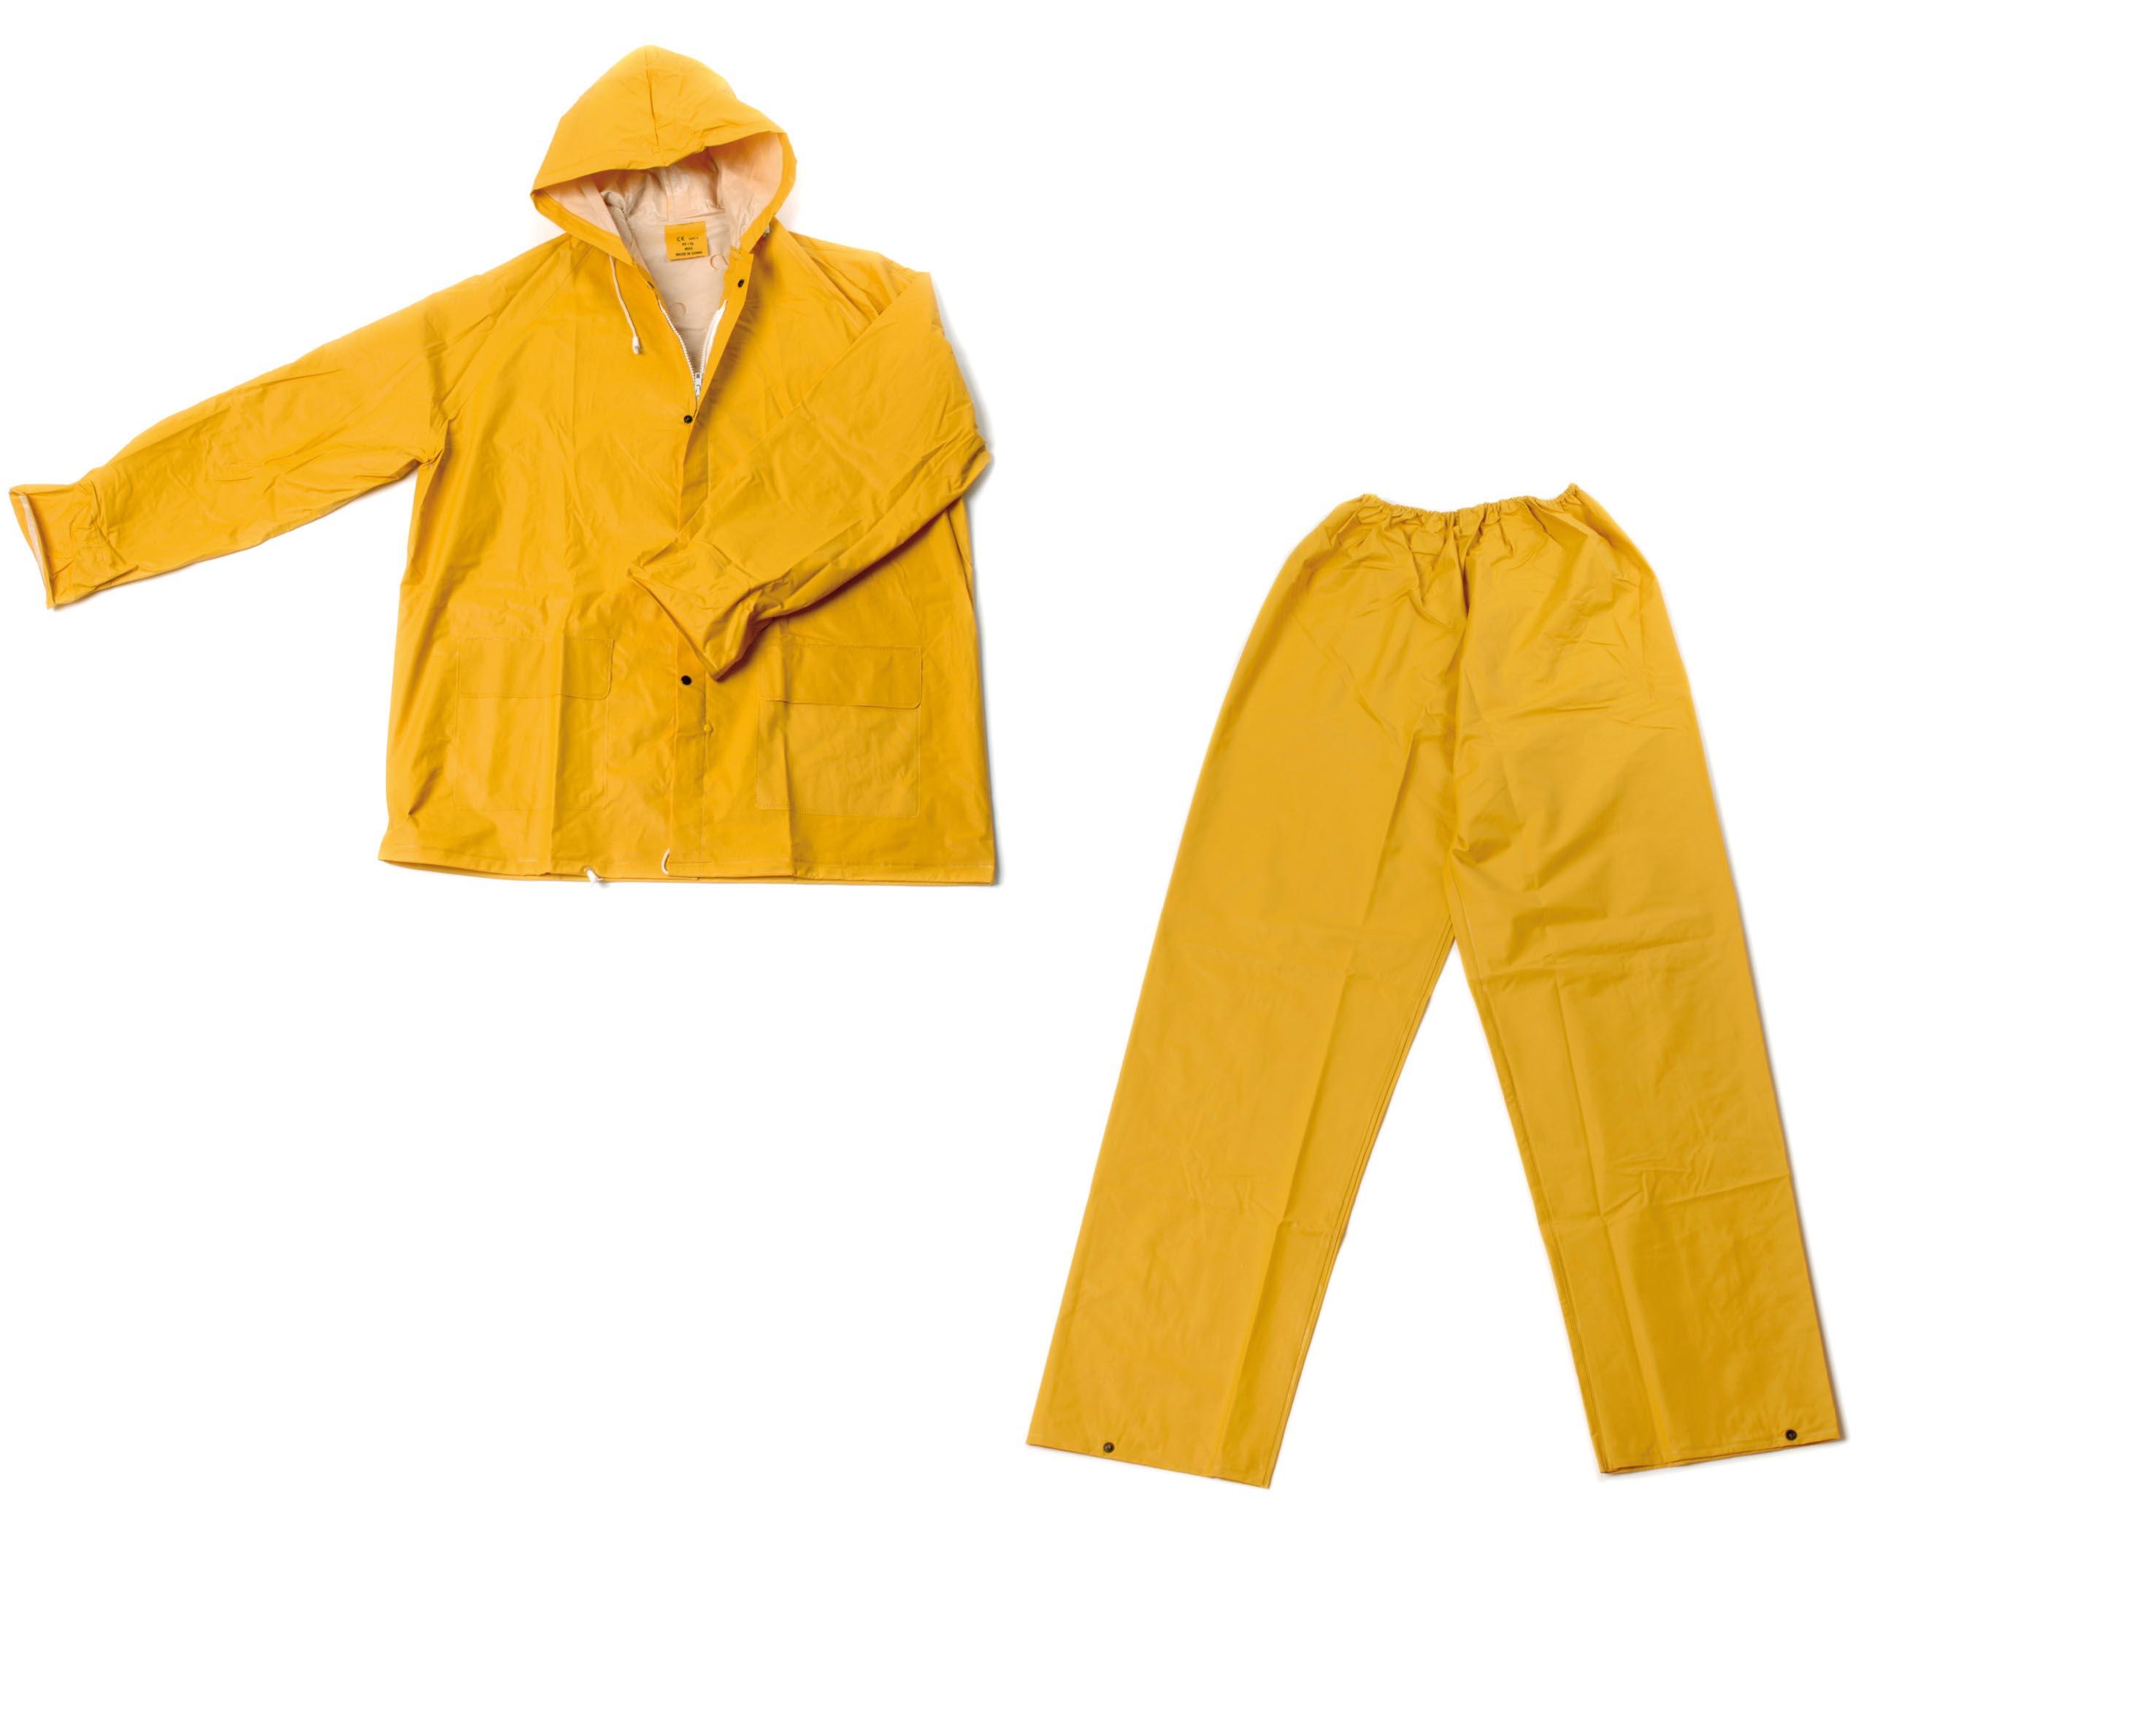 Odijelo PVC/polyester/PVC žuto